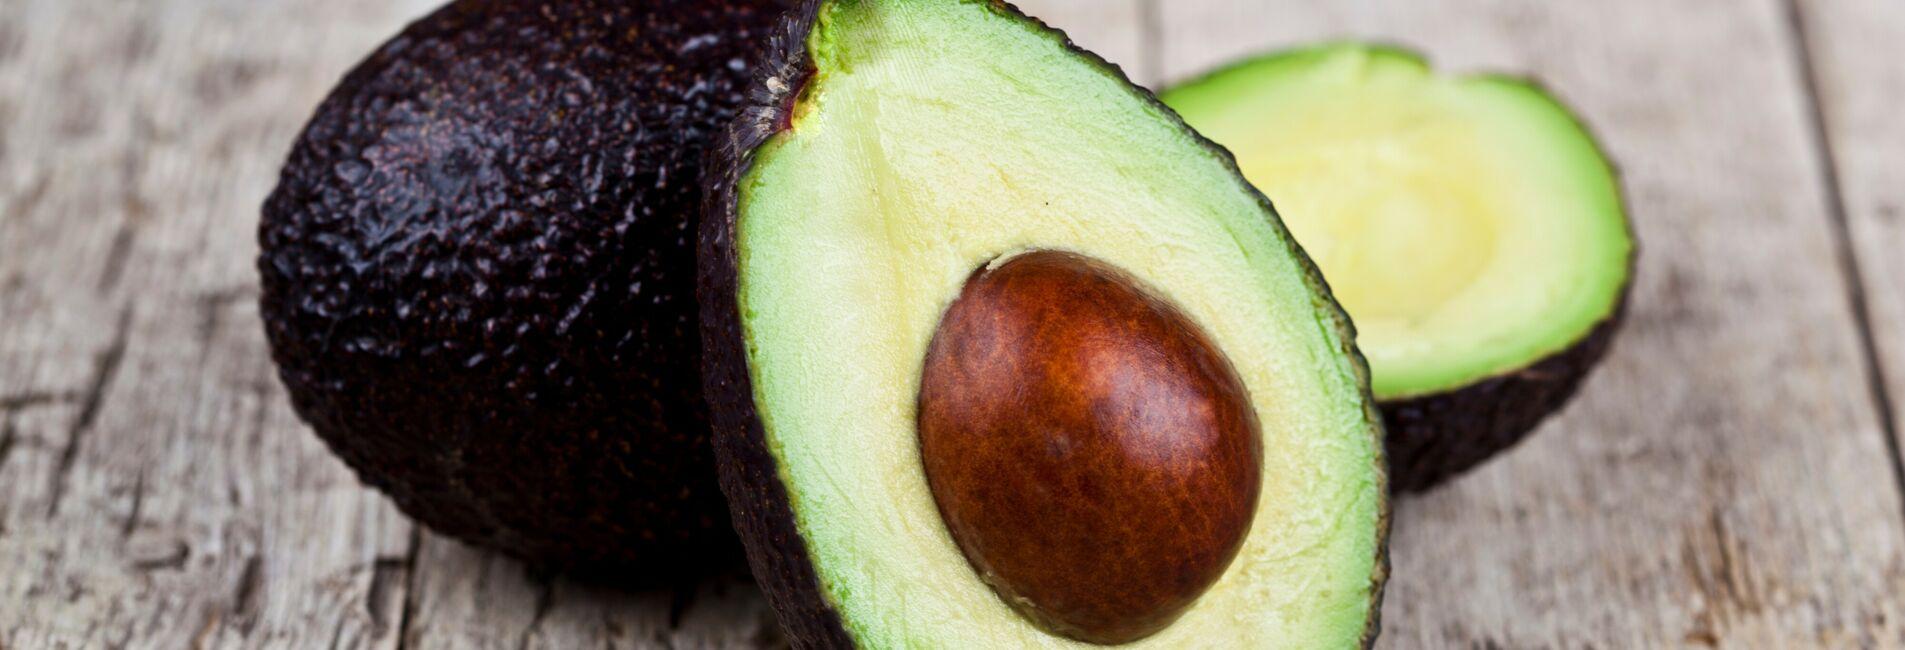 137,000 avocado crates per month